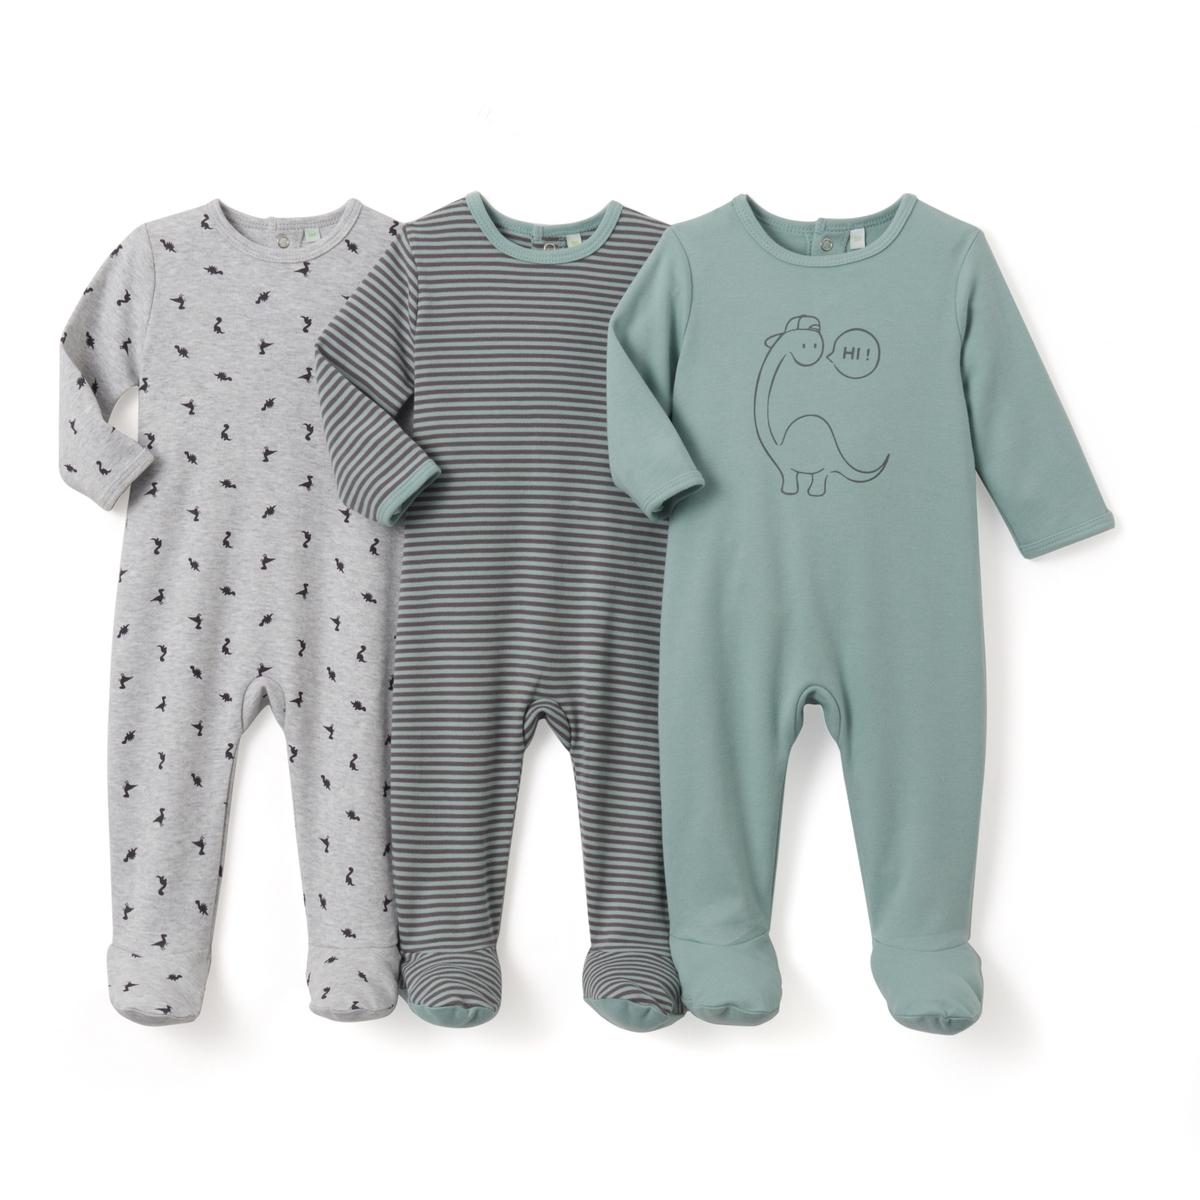 3 пижамы хлопковые с рисунком, 0 мес.- 3 лет